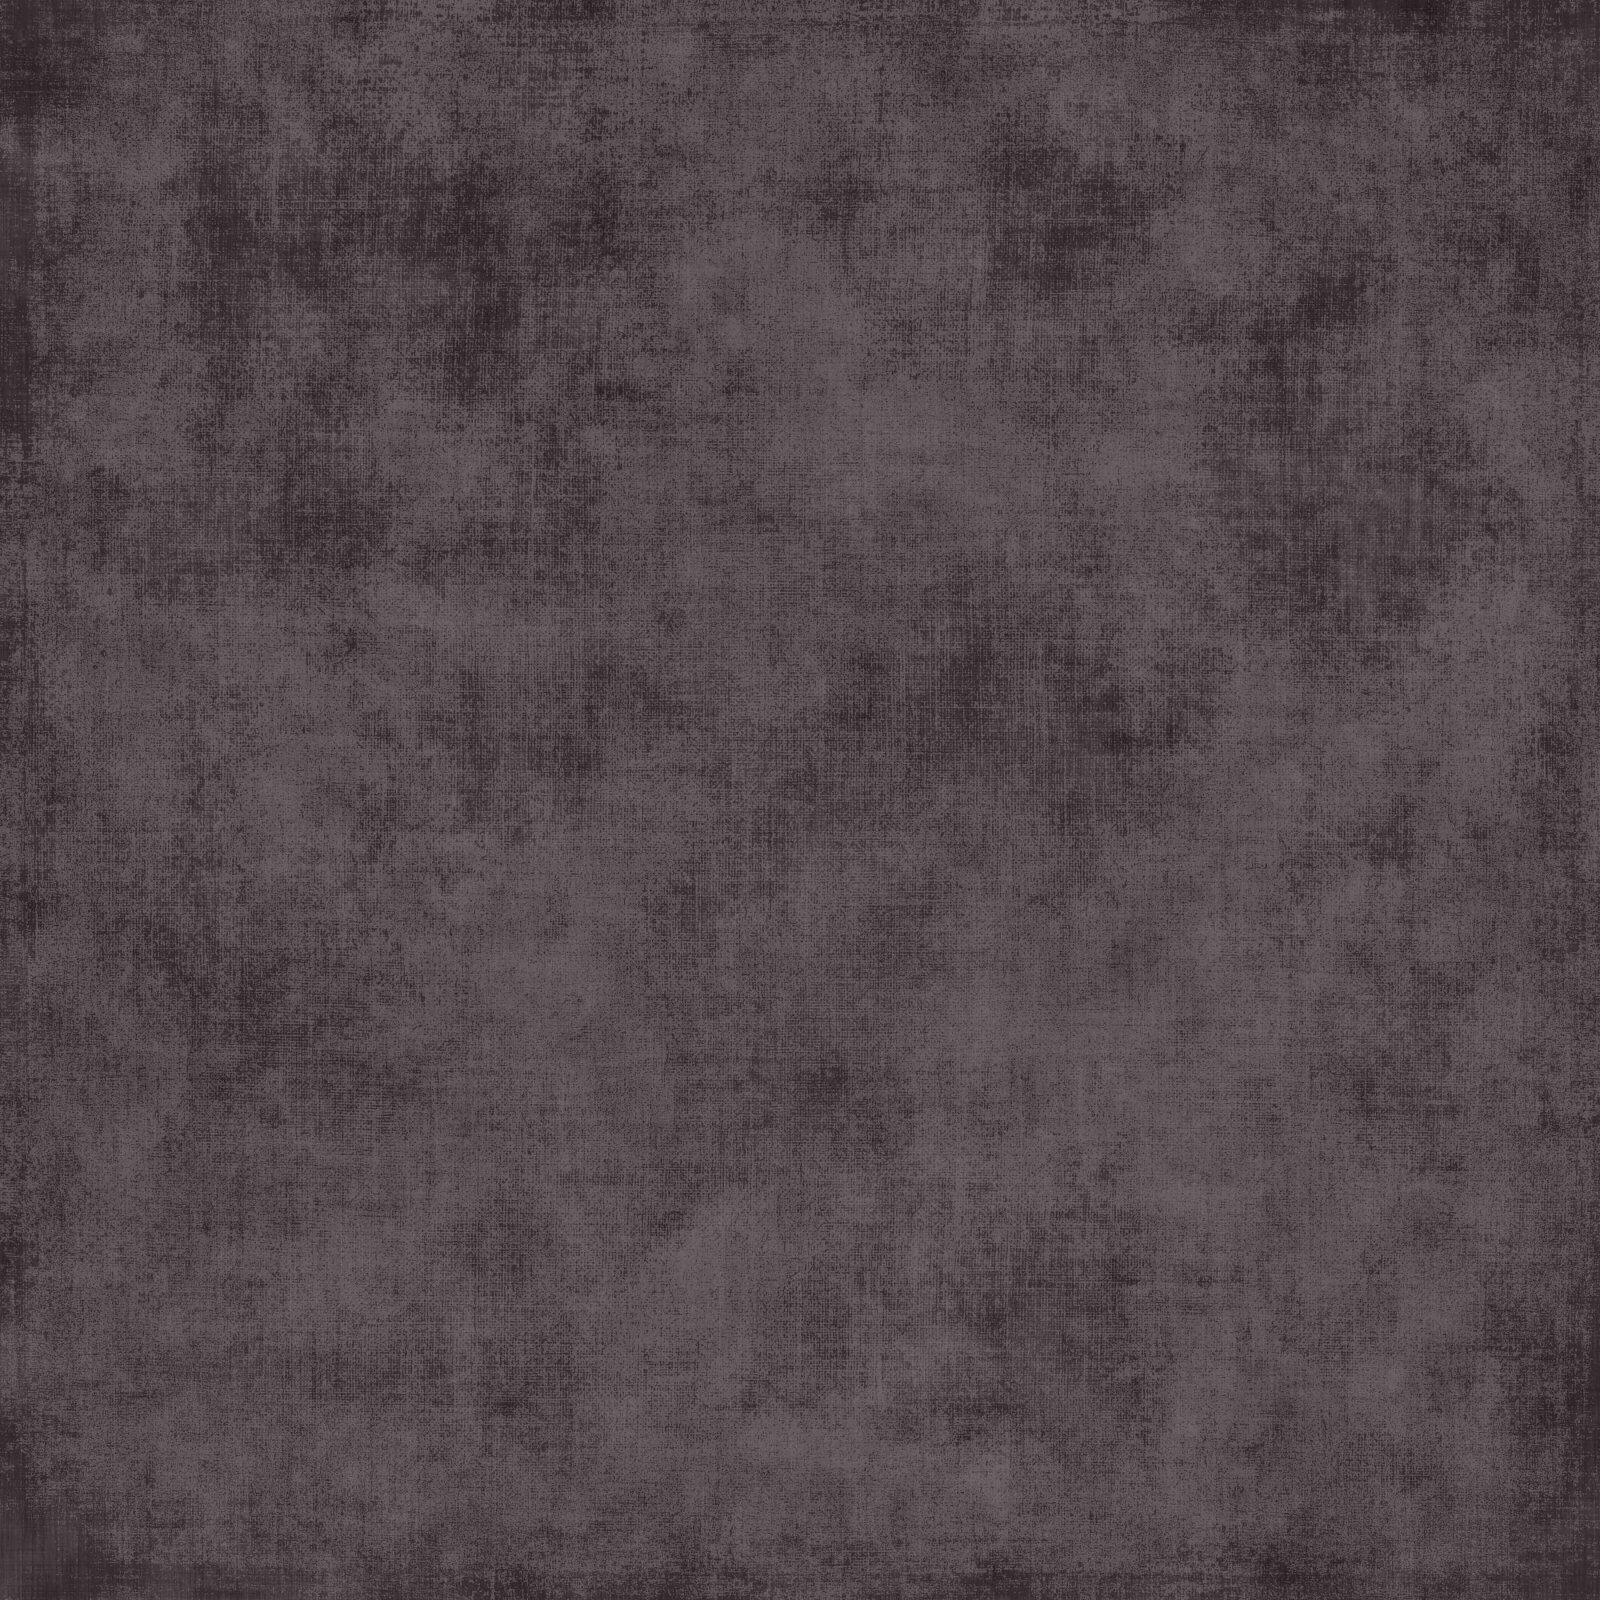 Basic Shade - Overcast Fabric